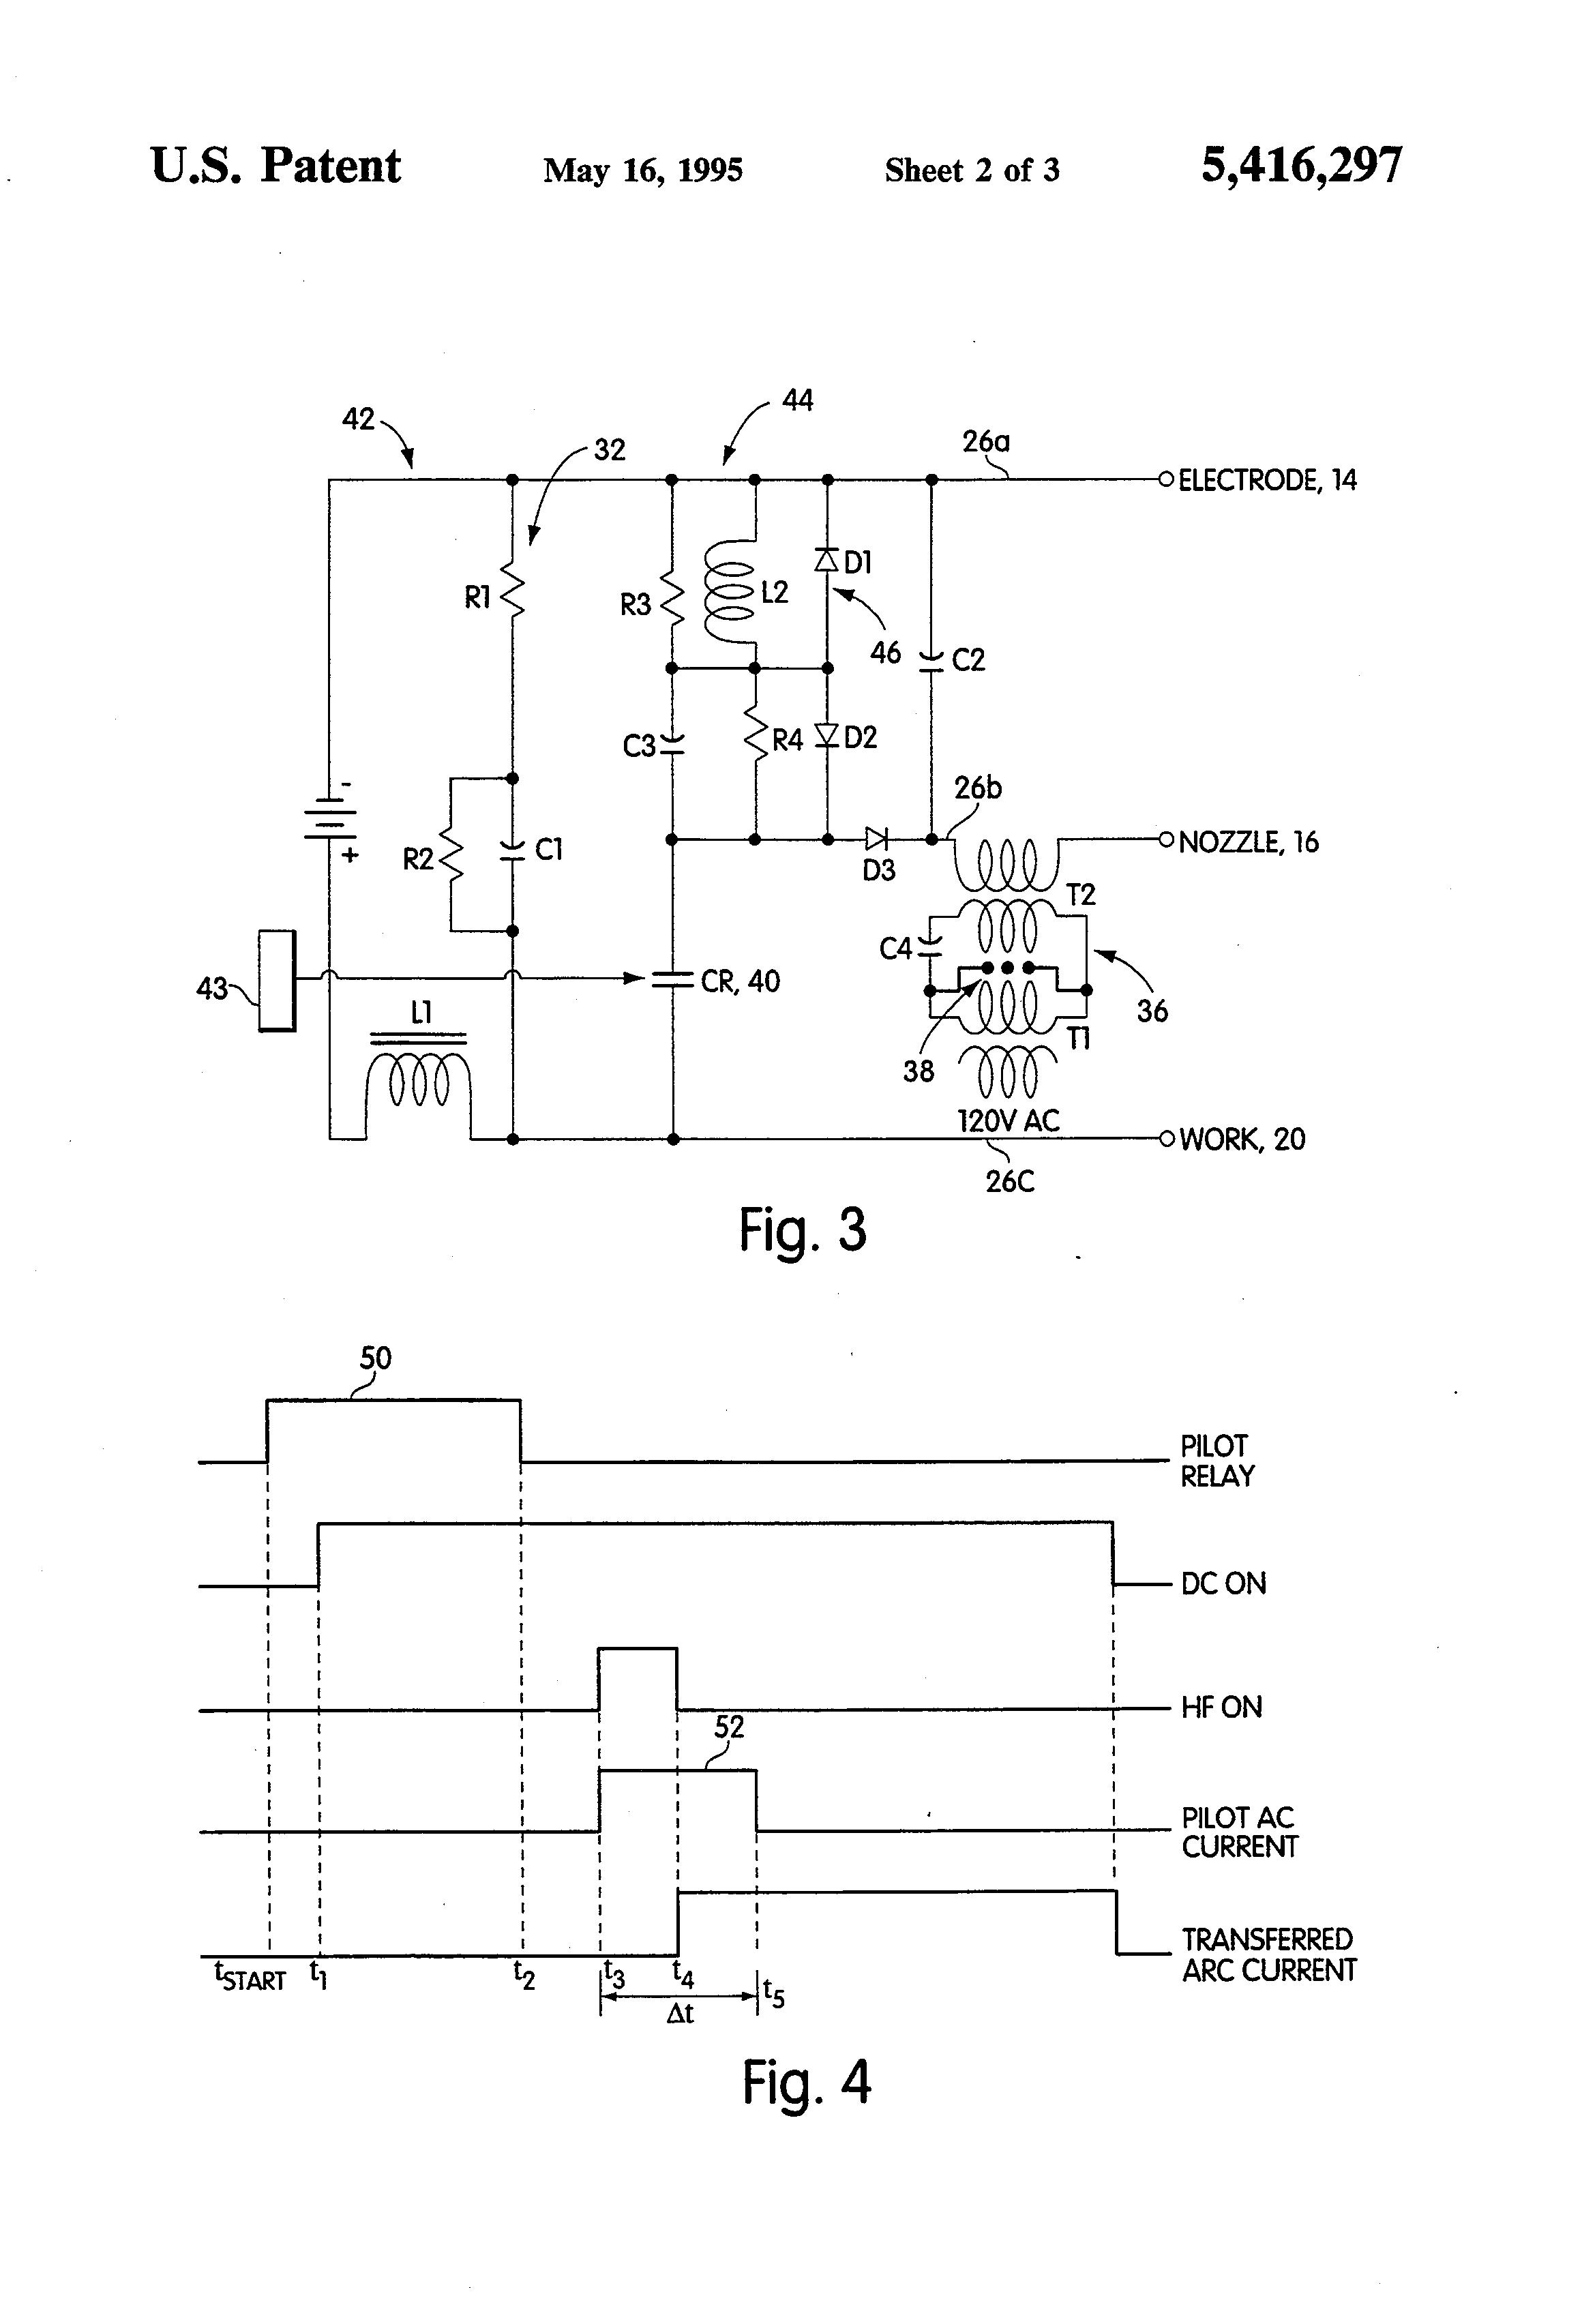 capacitor discharge ignition schematic samsung refrigerator schematics elsavadorla